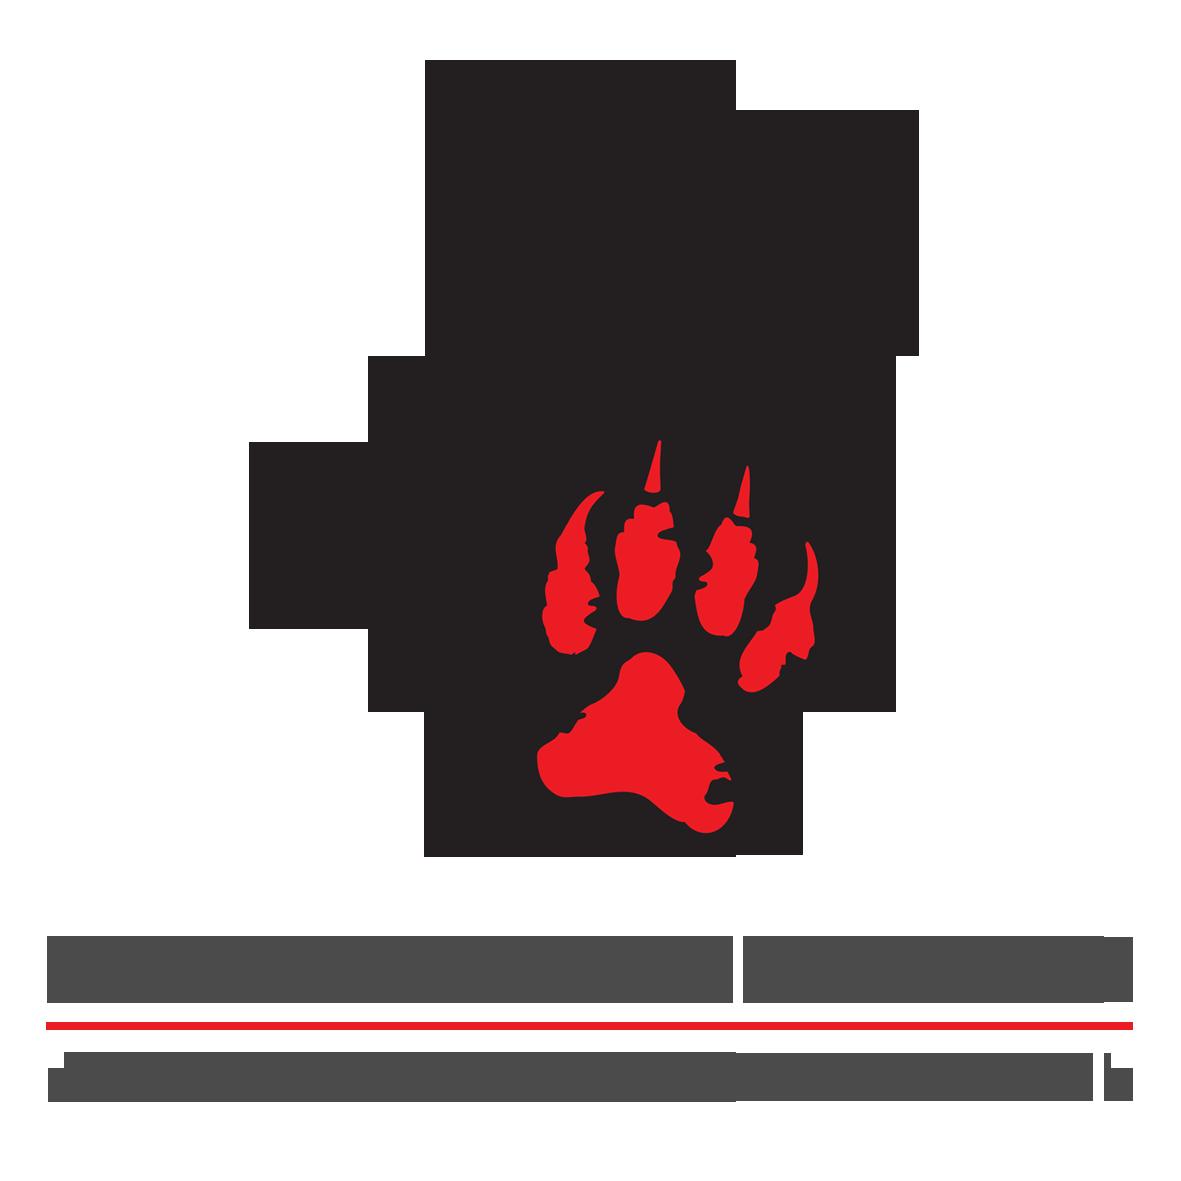 Créée en 2005, l'Agence Grand Angle est une agence de communication globale spécialisée à l'origine dans la production audiovisuelle. Forte de son expérience dans les secteurs du film d'entreprise et de l'évènementiel, elle a su étendre ses métiers et diversifier ses activités. La prestation technique et la gestion d'évènements deviennent rapidement les activités majeures de l'entreprise. Pour compléter son offre, elle intègre un studio graphique : de la création au print, en passant par le web et la communication digitale. L'Agence Grand Angle se définie donc comme une agence évènementielle et audiovisuelle. Elle est basée à Augny près de Metz et au Luxembourg, son champ d'action s'étend à tout le Grand Est et au delà.